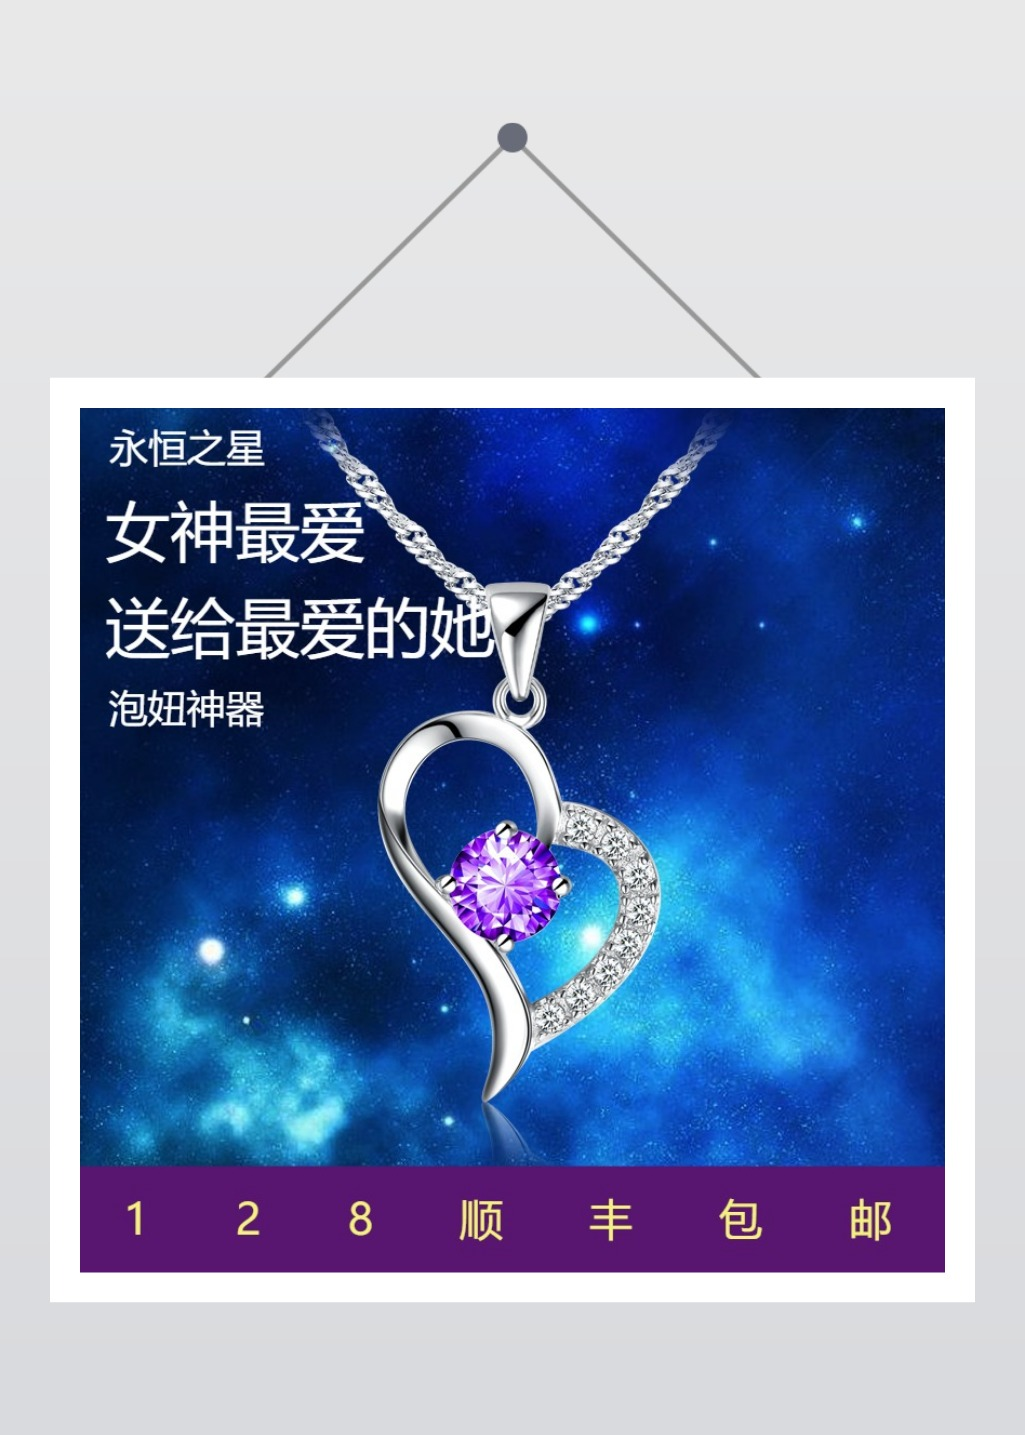 奢华简约消费制造奢侈品珠宝首饰促销电商主图